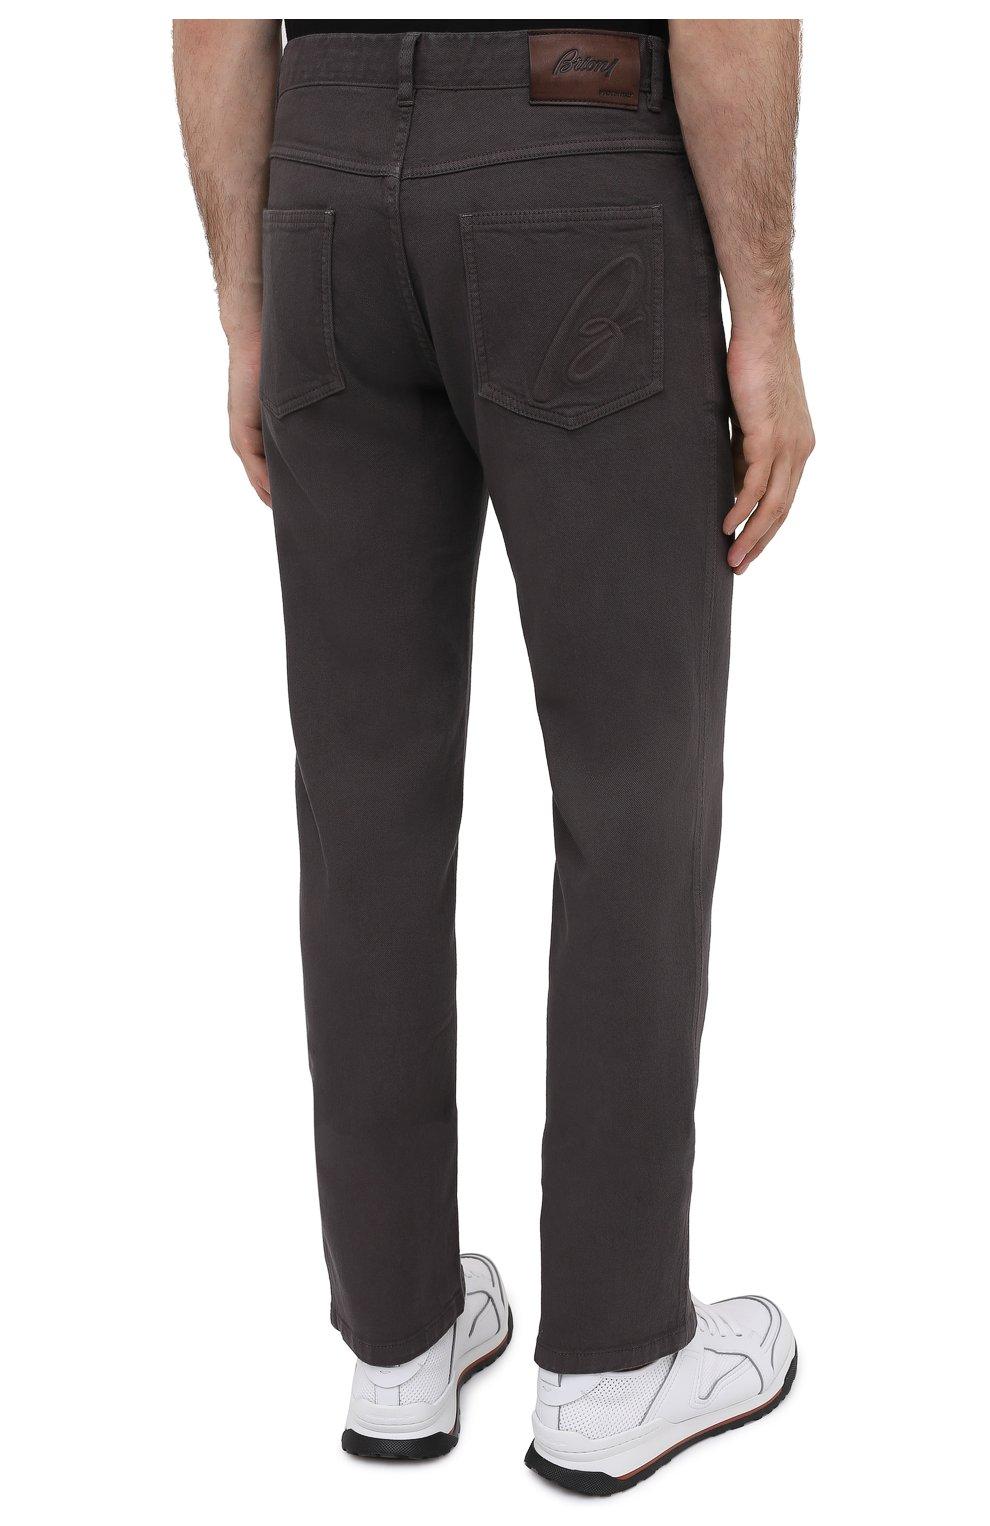 Мужские джинсы BRIONI коричневого цвета, арт. SPNJ0M/08T01/STELVI0 | Фото 5